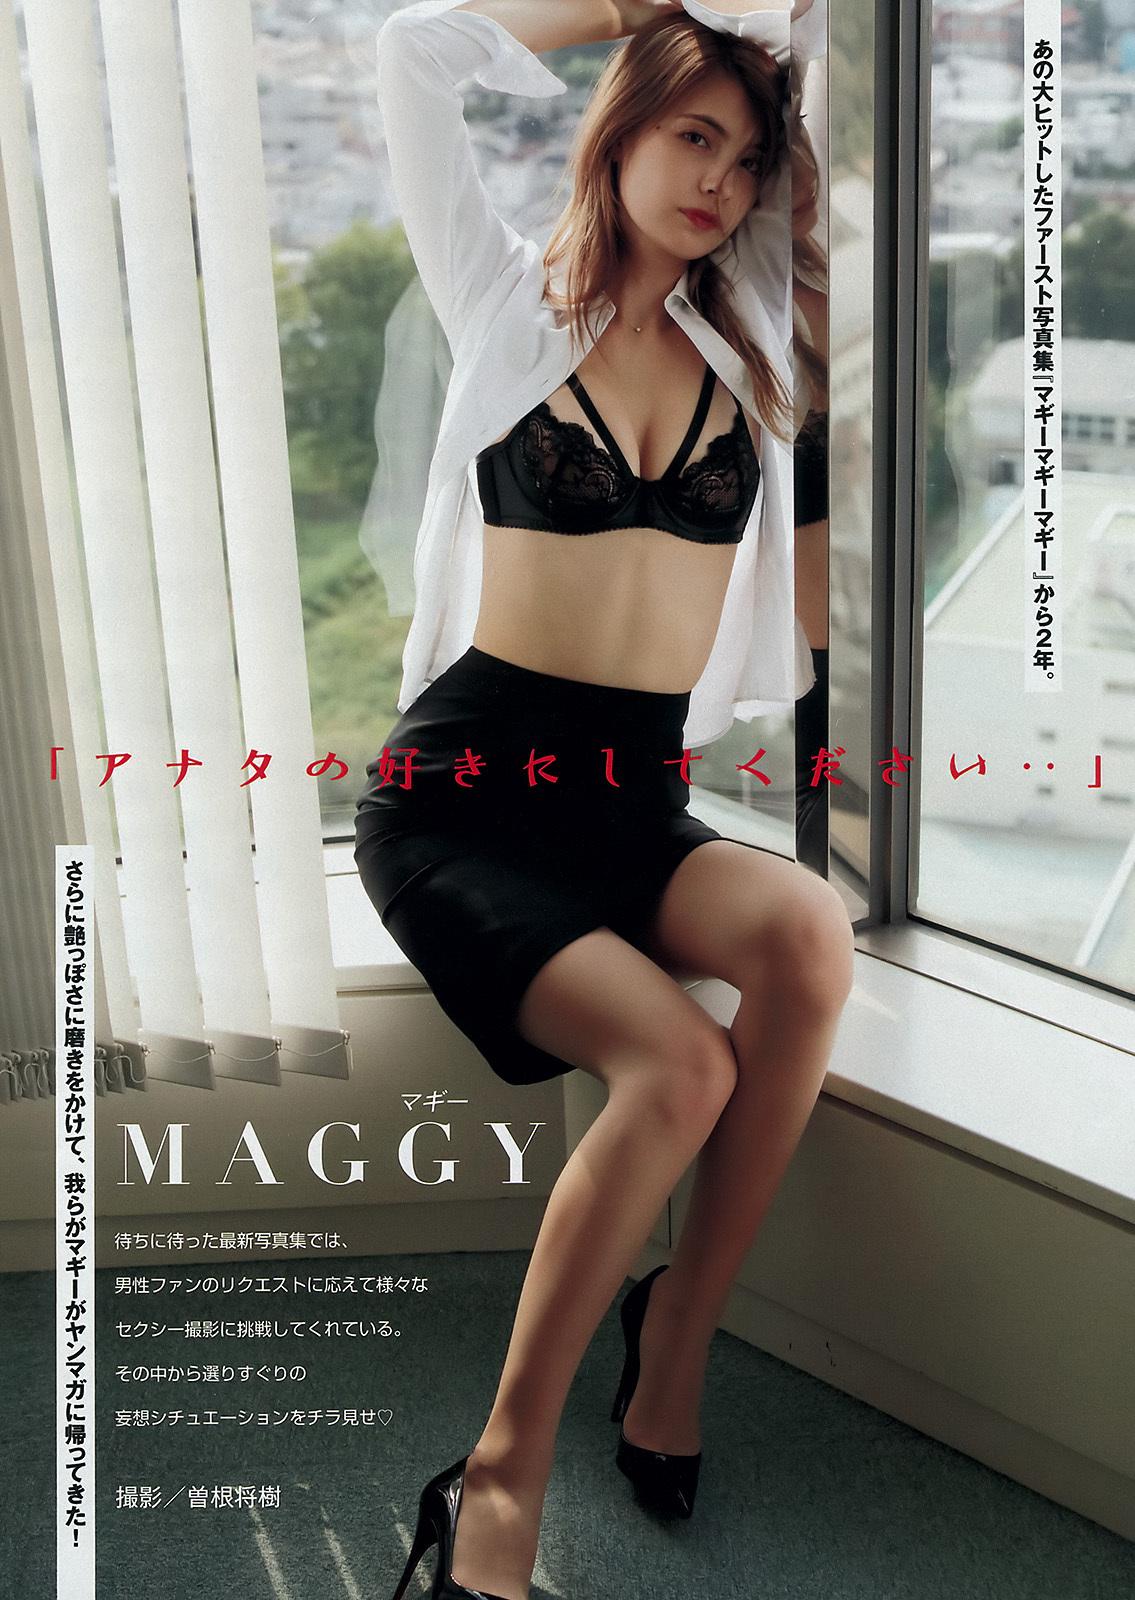 maggy142.jpg